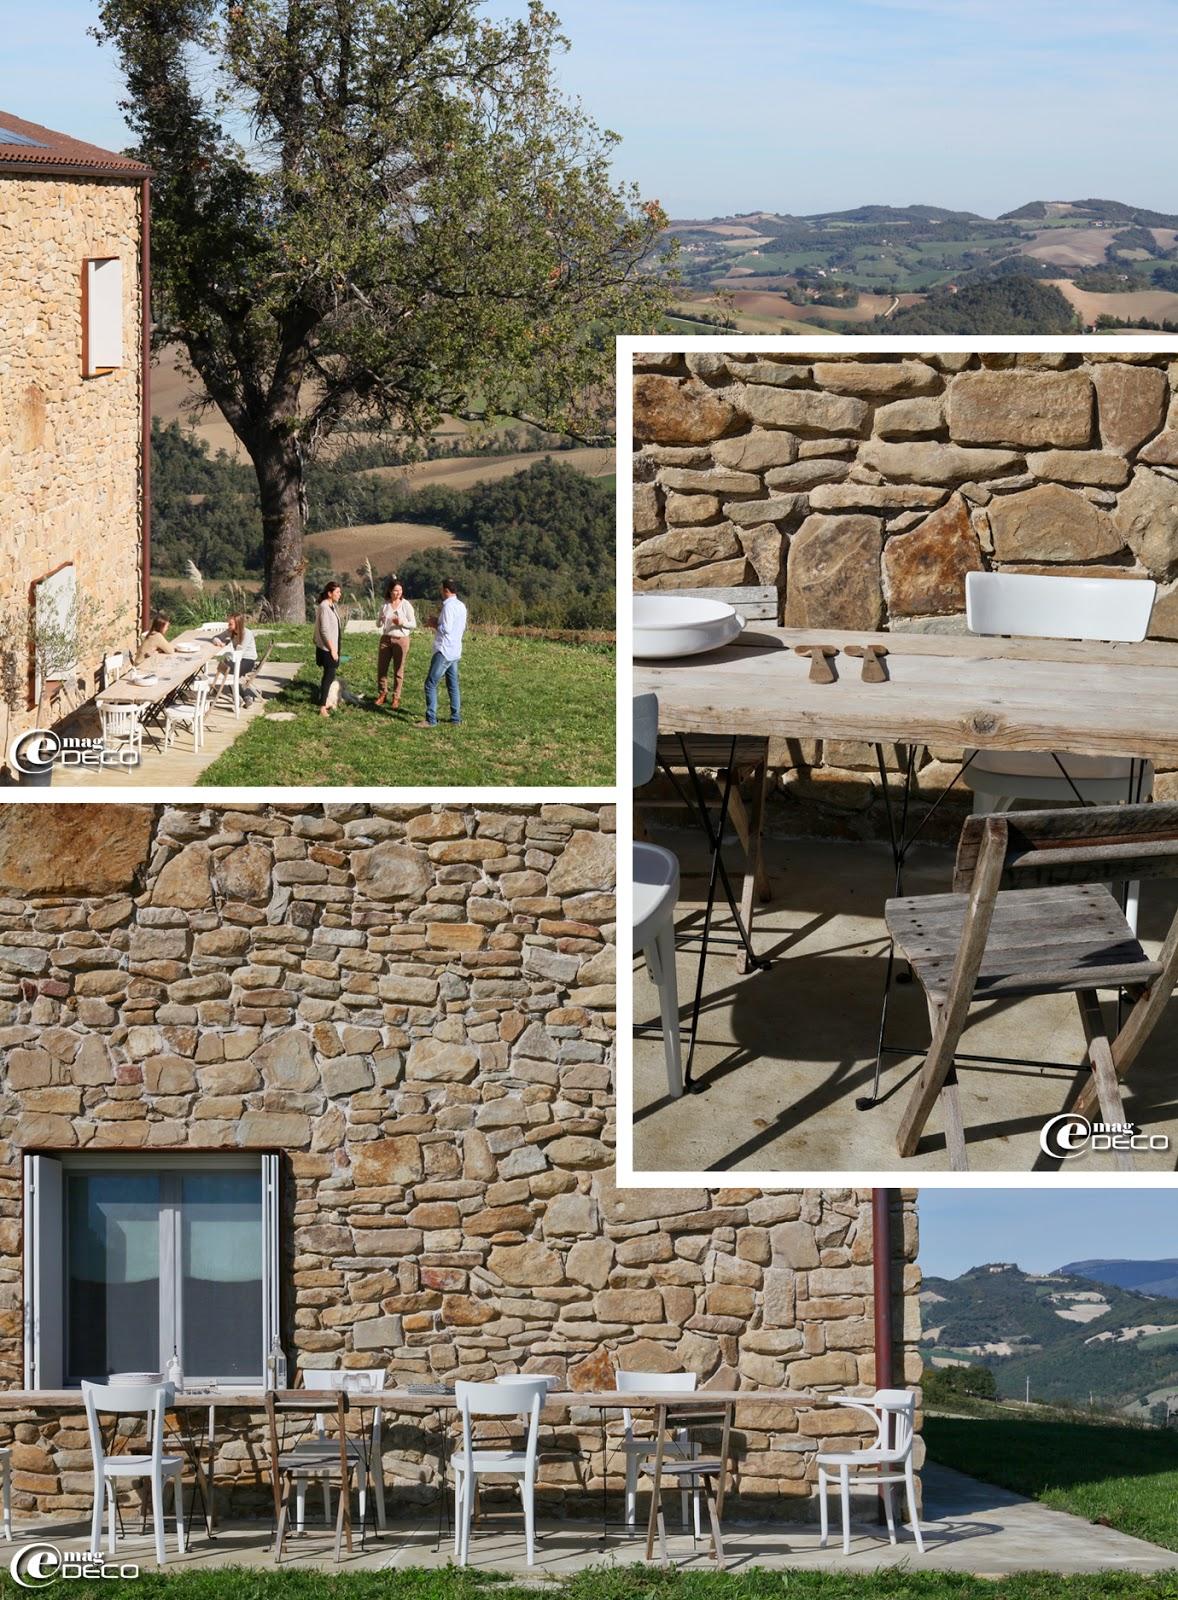 Les extérieurs de la maison d'hôtes 'Malatesta' près de Pergola en Italie